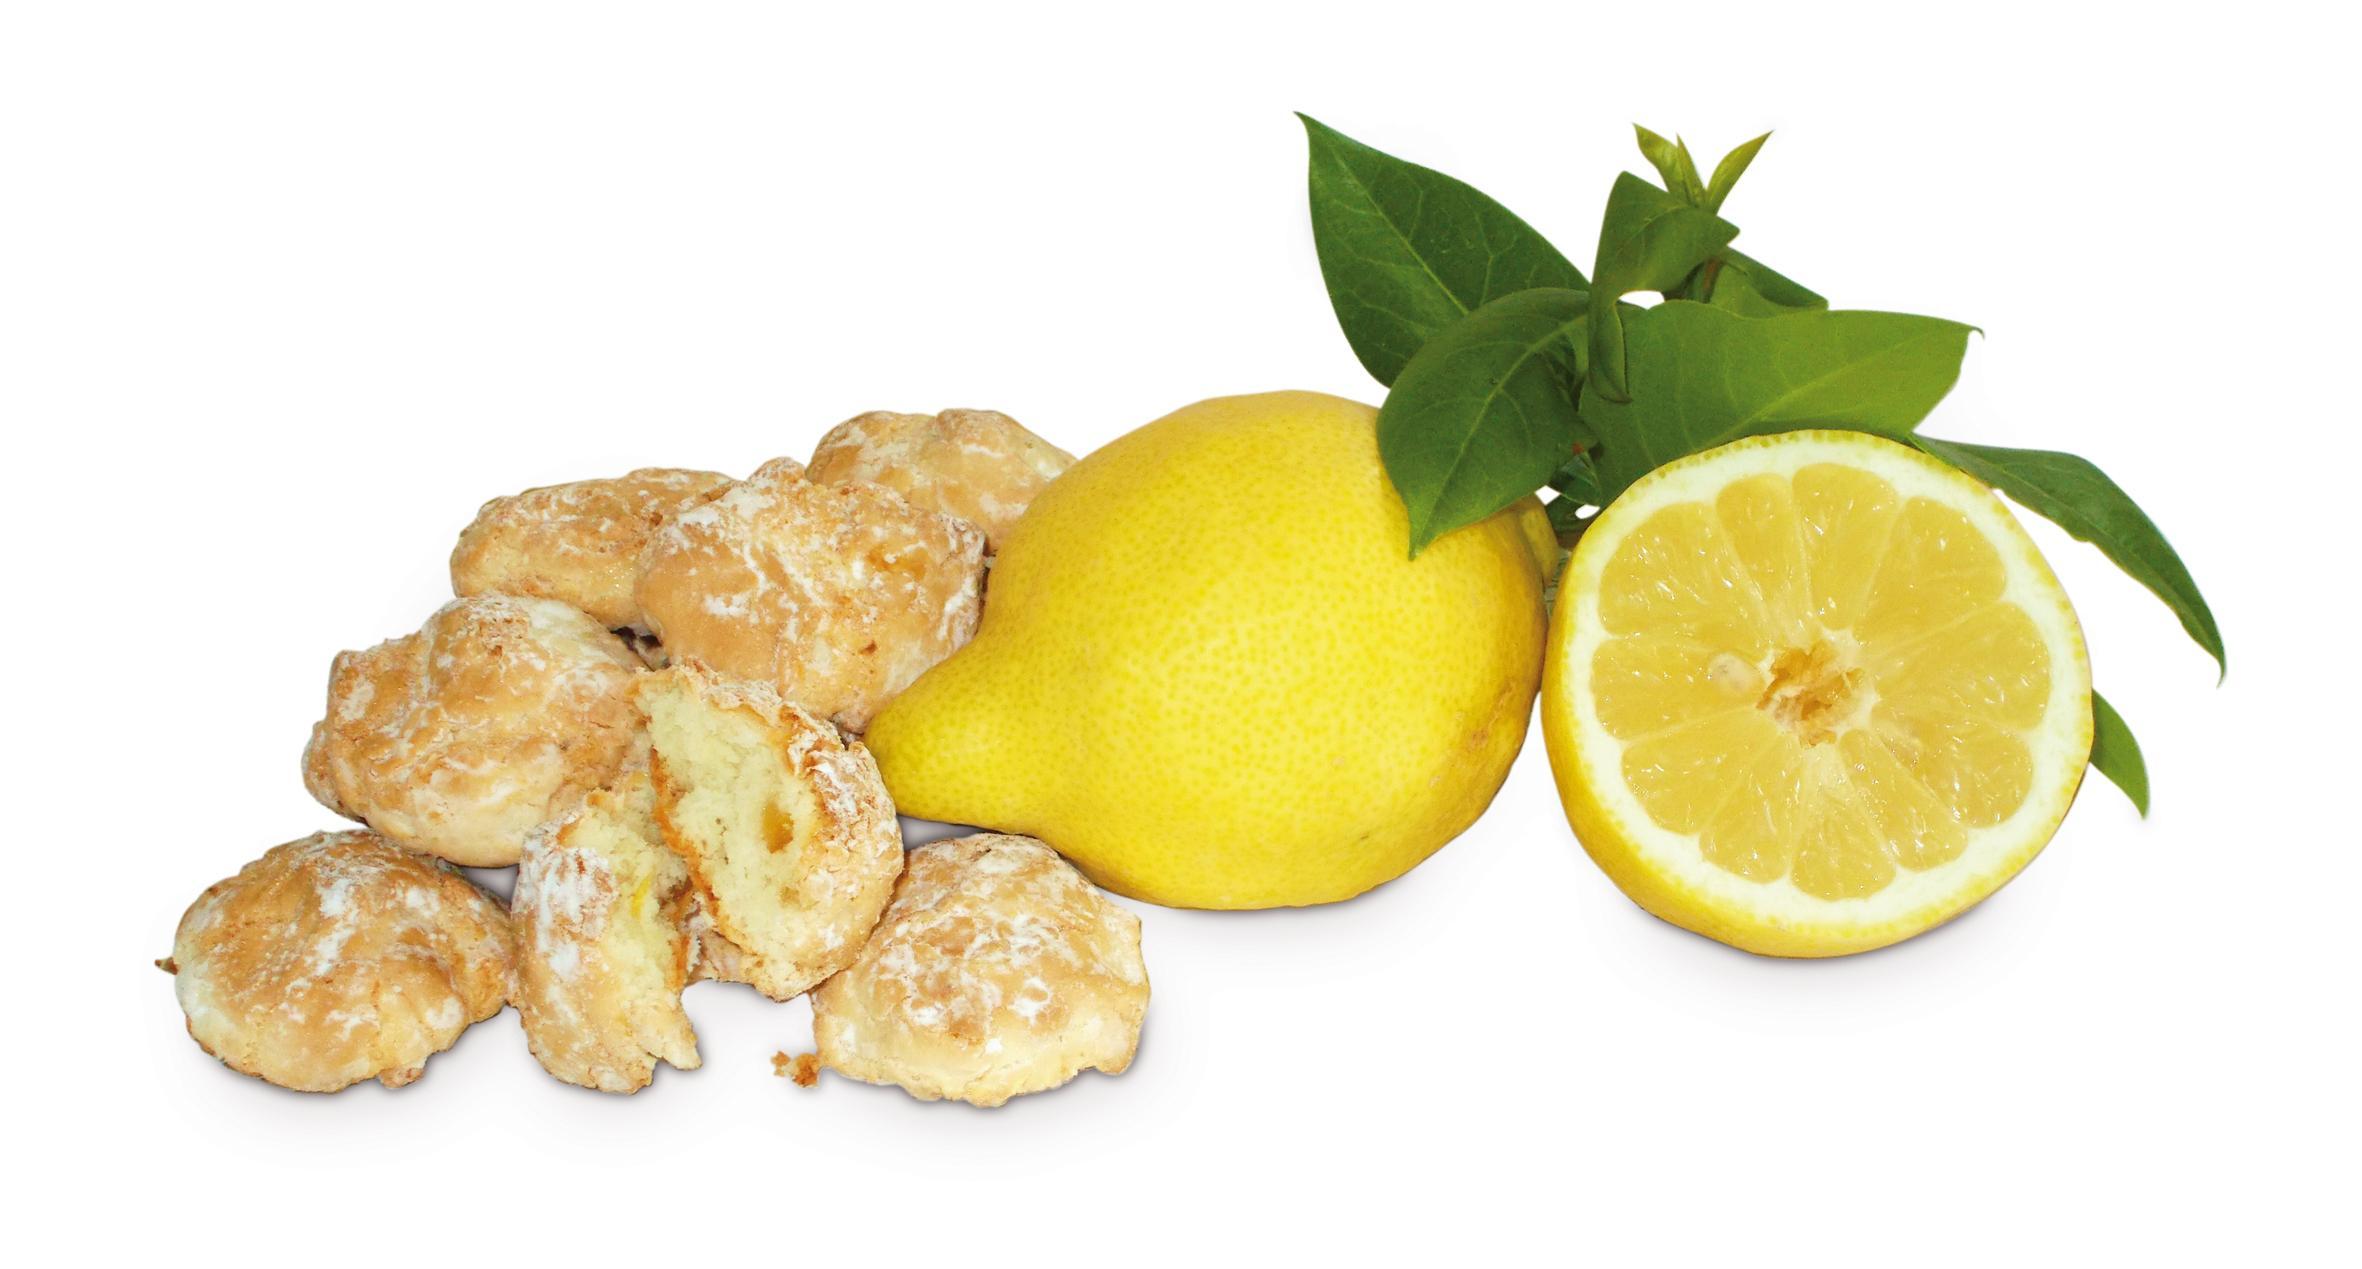 L'AMARETTO DEL SAN CARLON al limone 150g